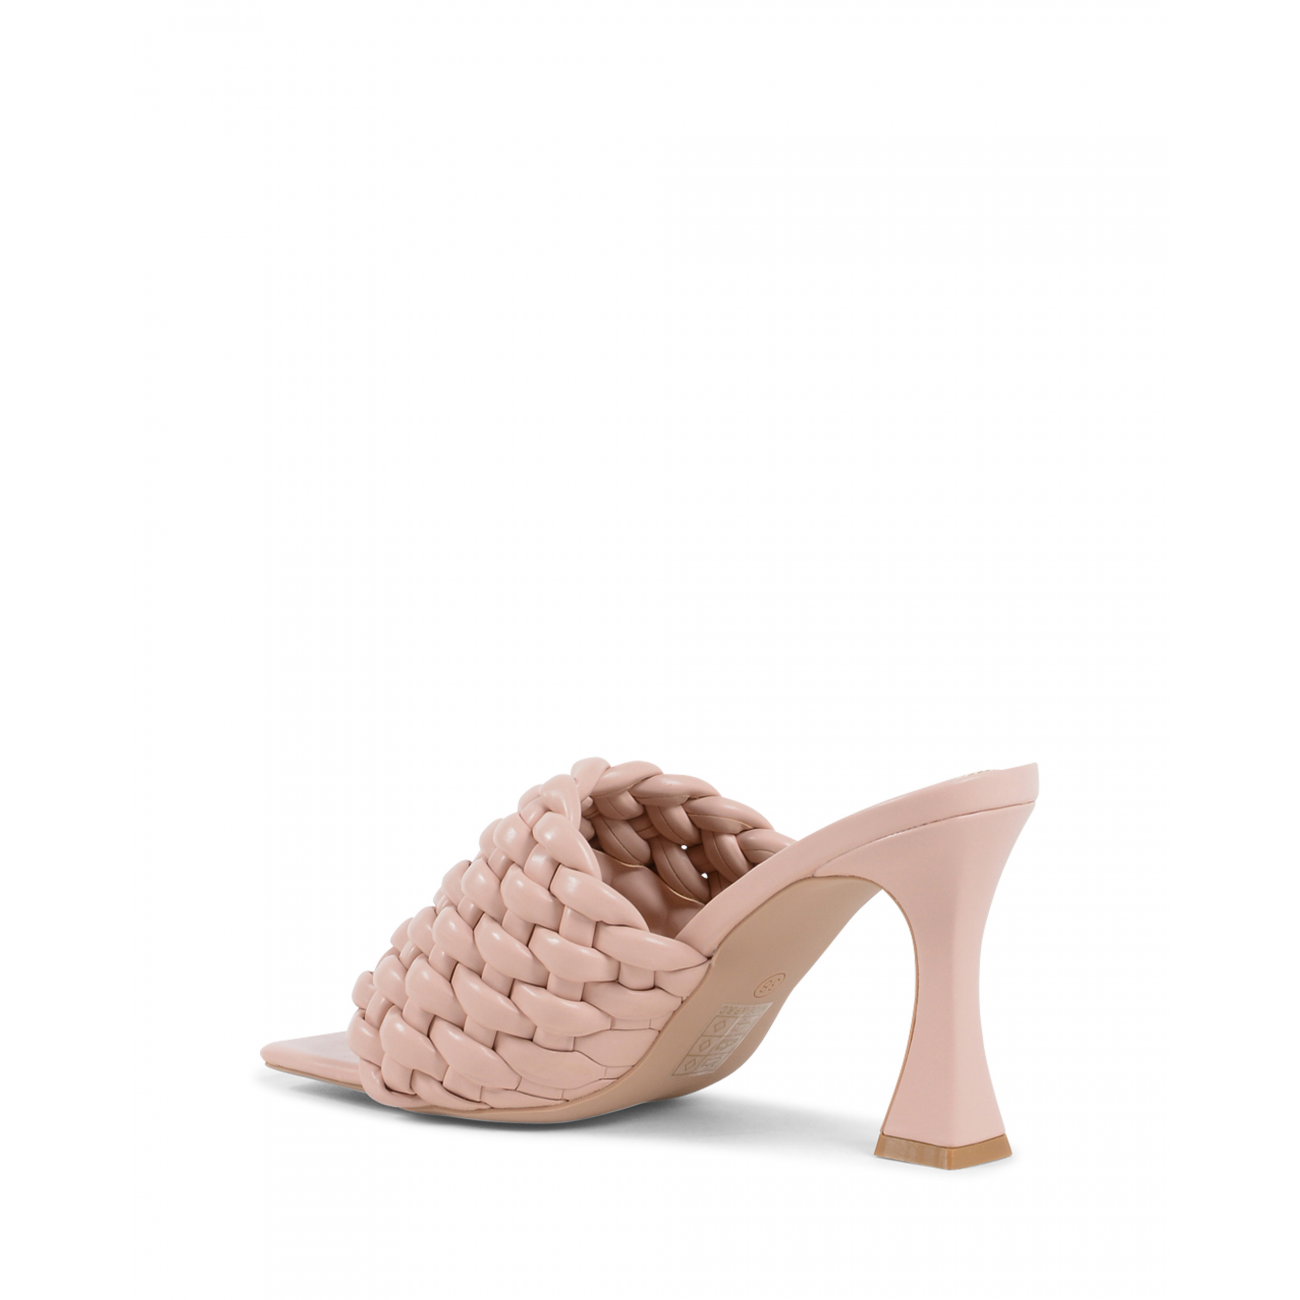 19V69 Italia Women's Mule Sandal Pink V8185 PINK